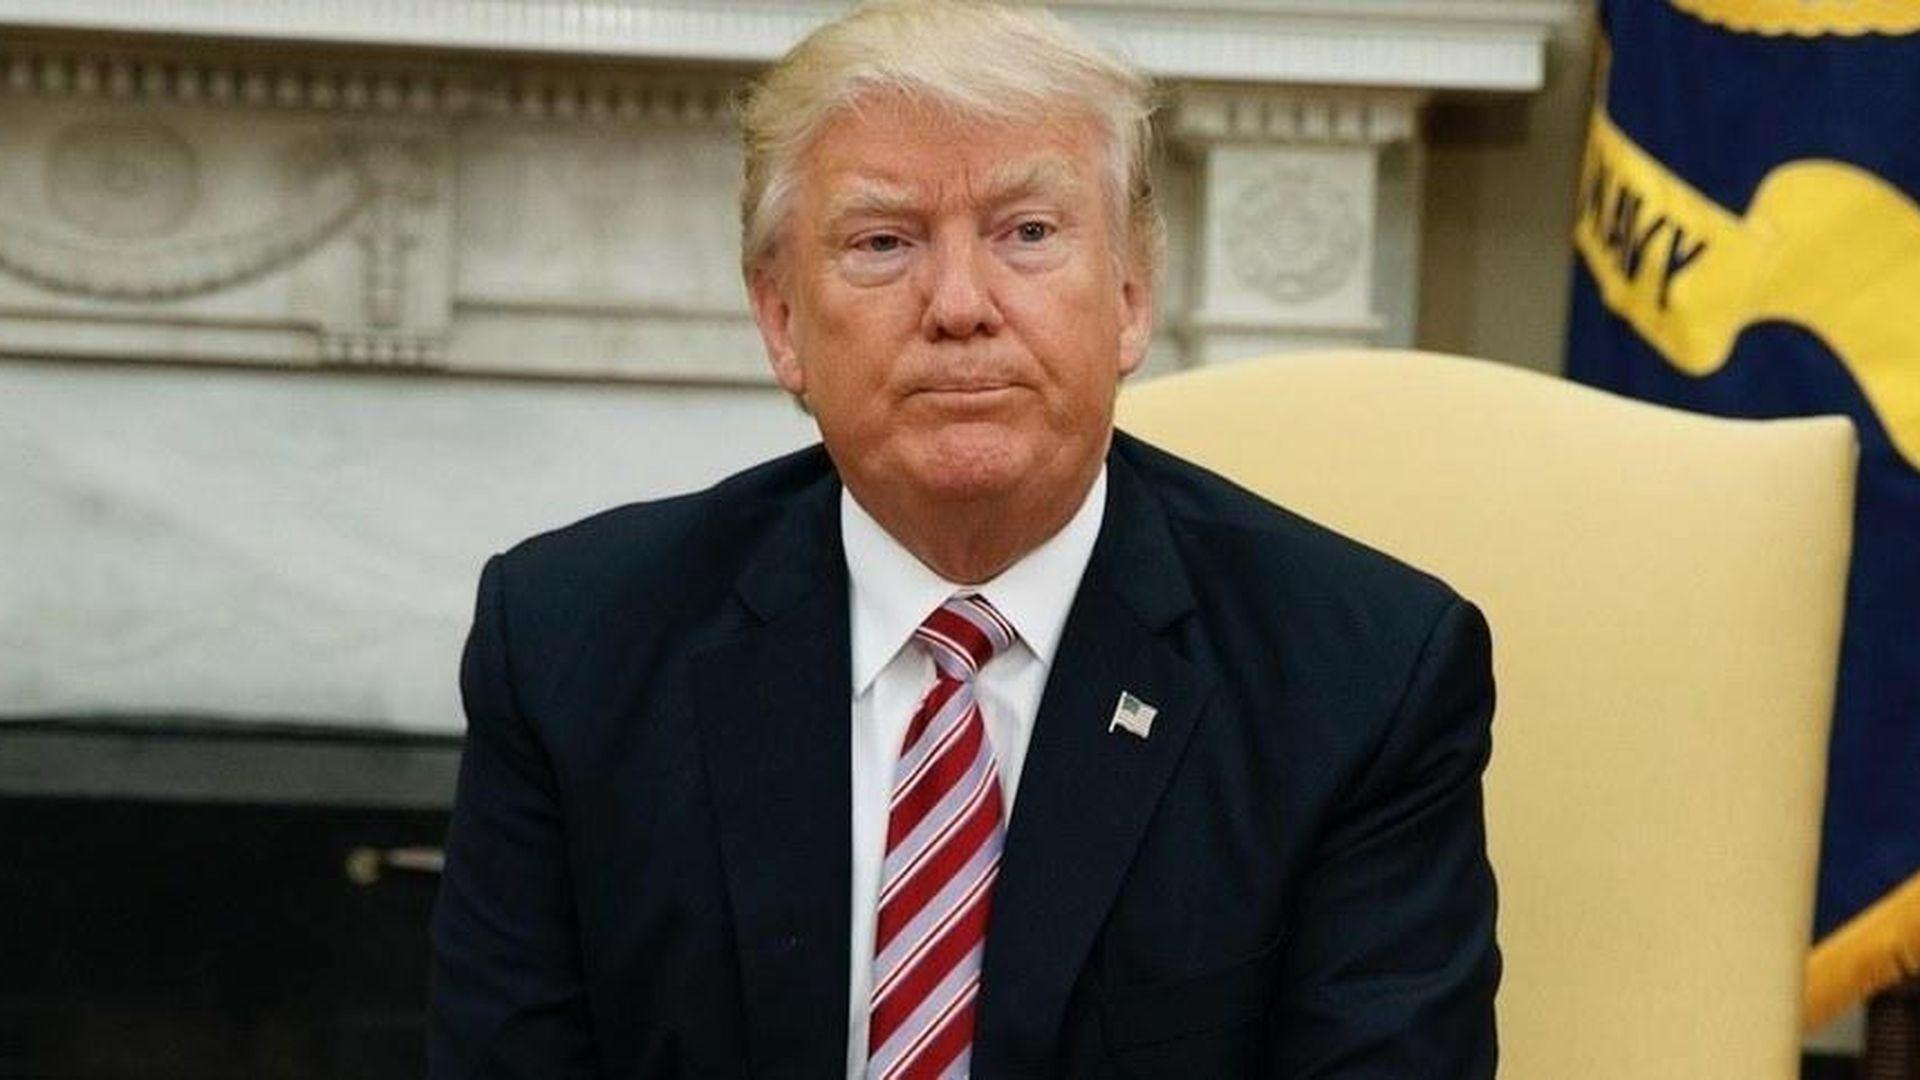 Trump puts agenda, presidency at risk